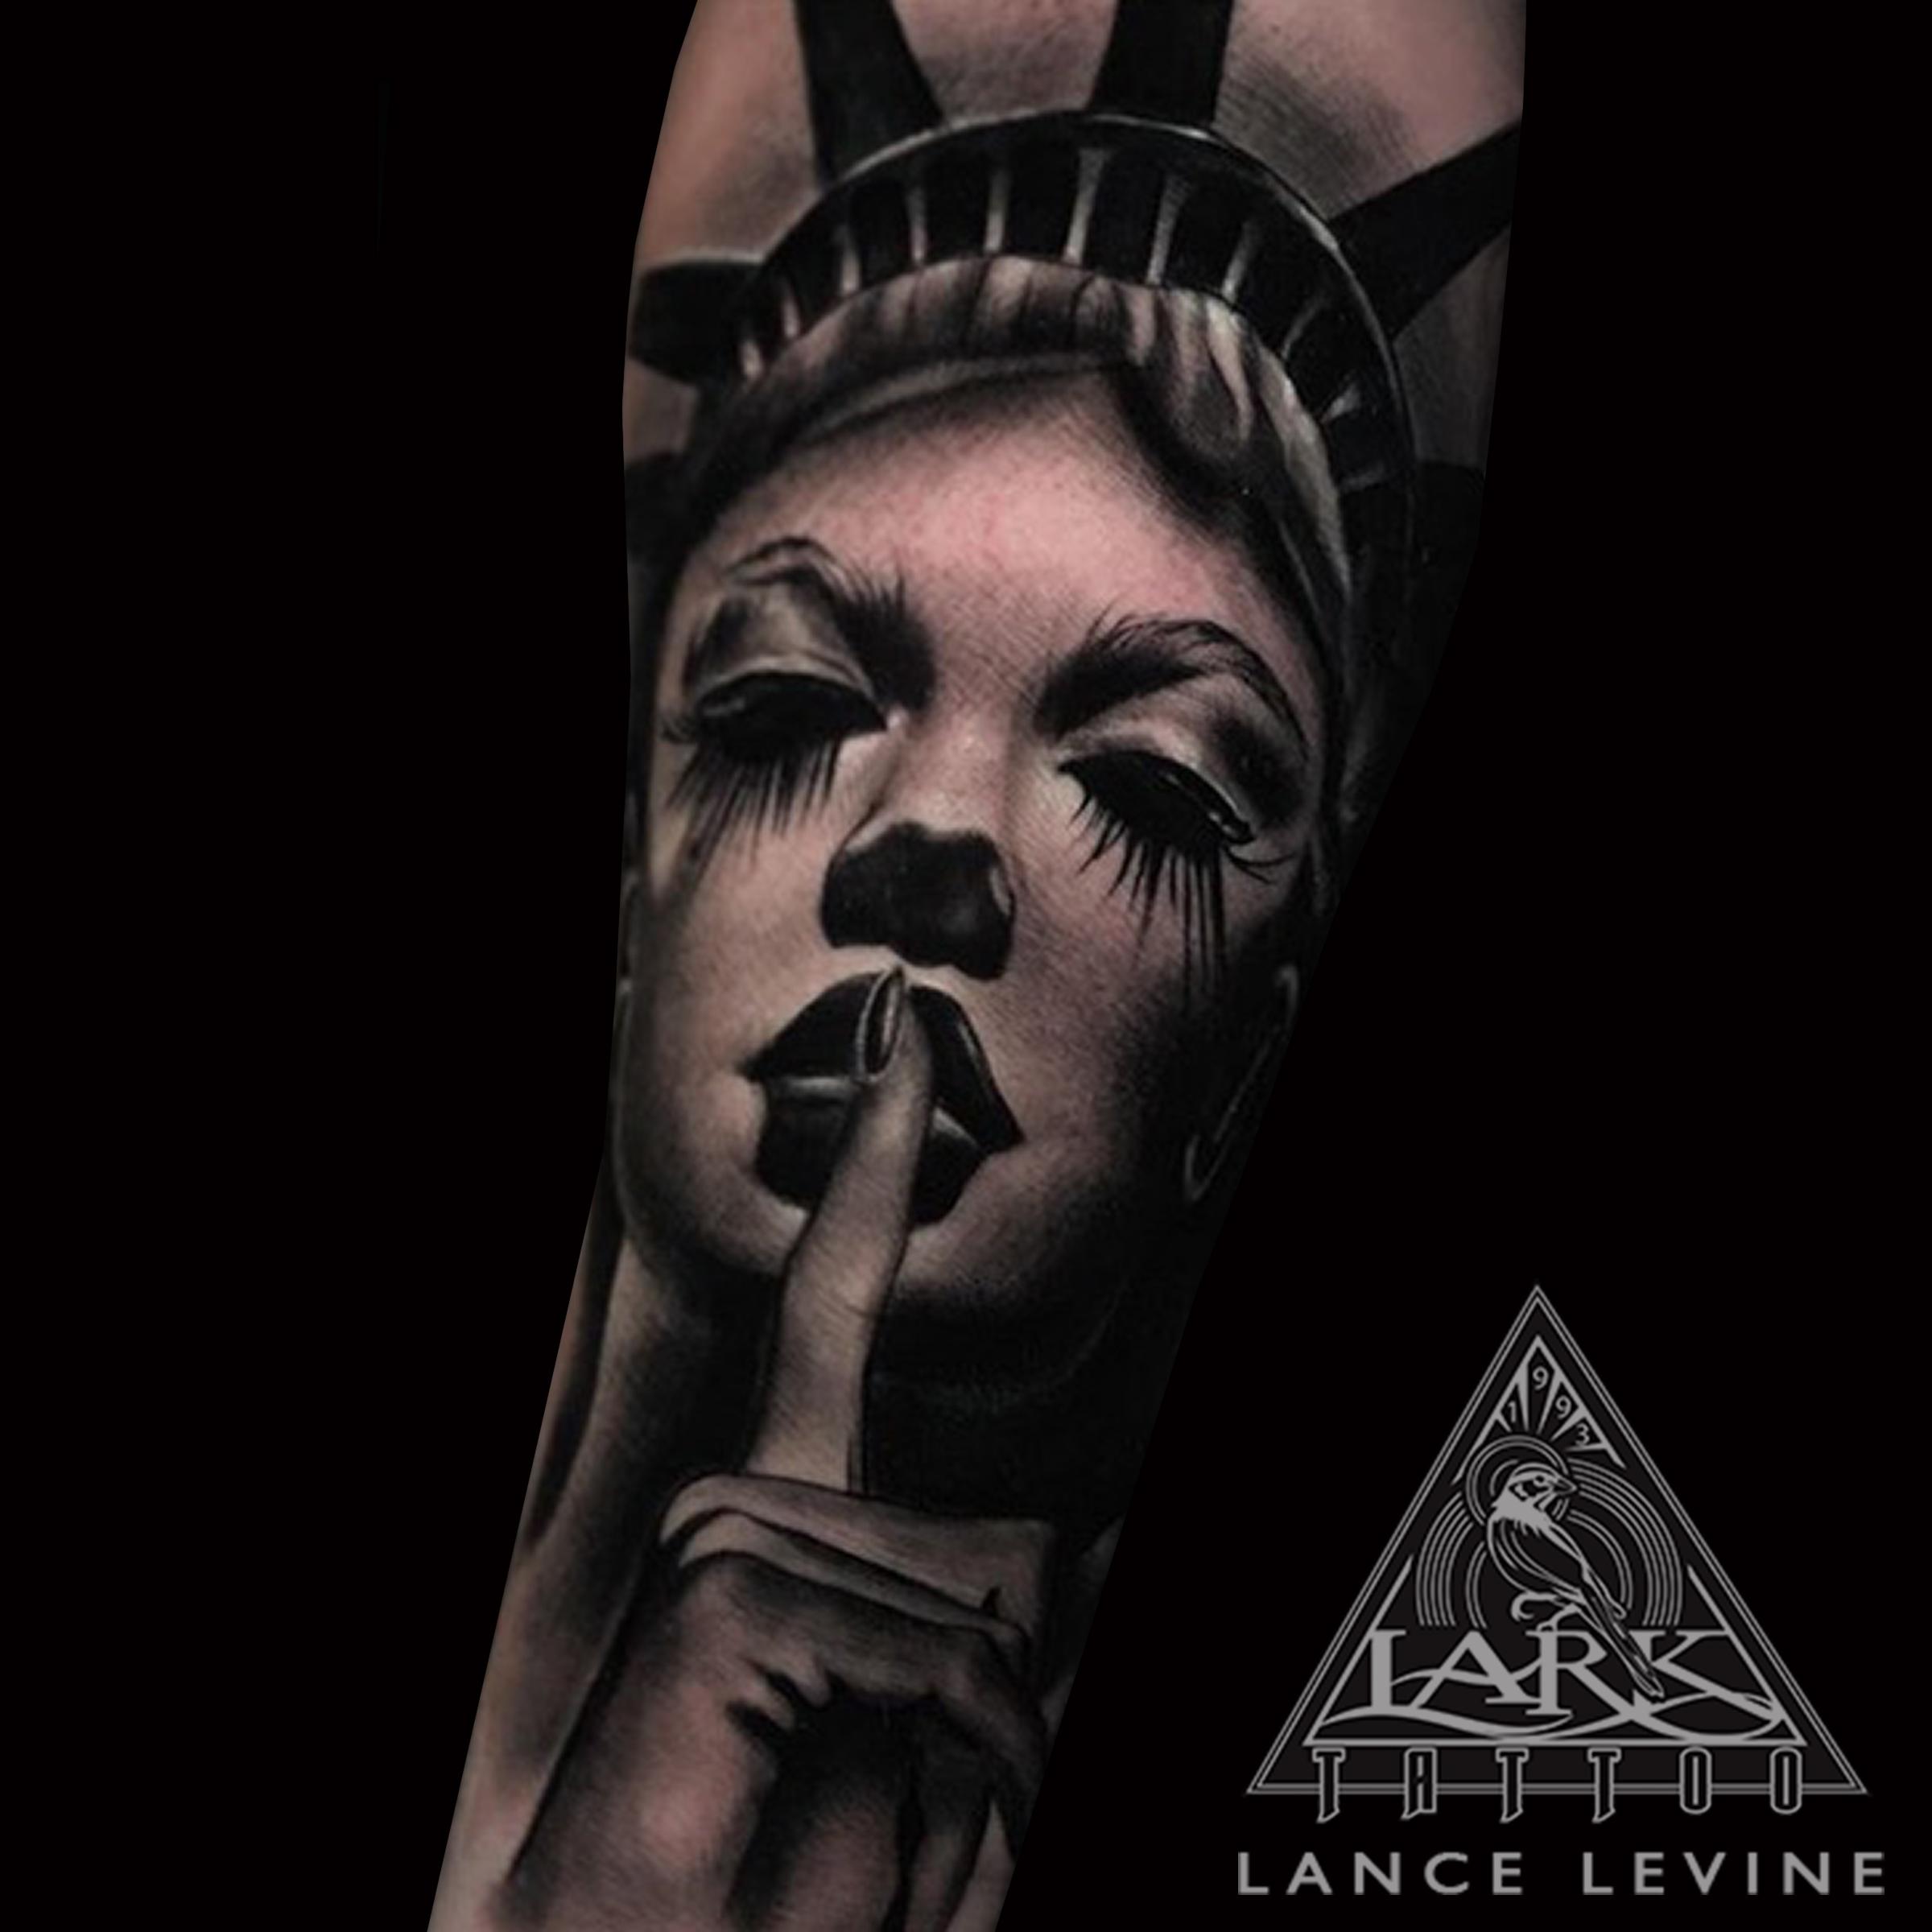 #LarkTattoo #BNG #BNGTattoo #BNGInkSociety #BlackAndGrey #BlackAndGreyTattoo #BlackAndGray #BlackAndGrayTattoo #Realism #RealismTattoo #Realistic #RealisticTattoo #Portrait #PortraitTattoo #StatueOfLiberty #StatueOfLibertyTattoo #ArmTattoo #HalfSleeve #HalfSleeveTattoo #Tattoo #Tattoos #Tat #Tats #Tatts #Tatted #Tattedup #Tattoist #Tattooed #Inked #InkedUp #Ink #TattooOfTheDay #AmazingInk #BodyArt #LongIslandTattooArtist #LongIslandTattooer #LarkTattoos #LarkTattooWestbury #Westbury #LongIsland #NY #NewYork #USA #Art